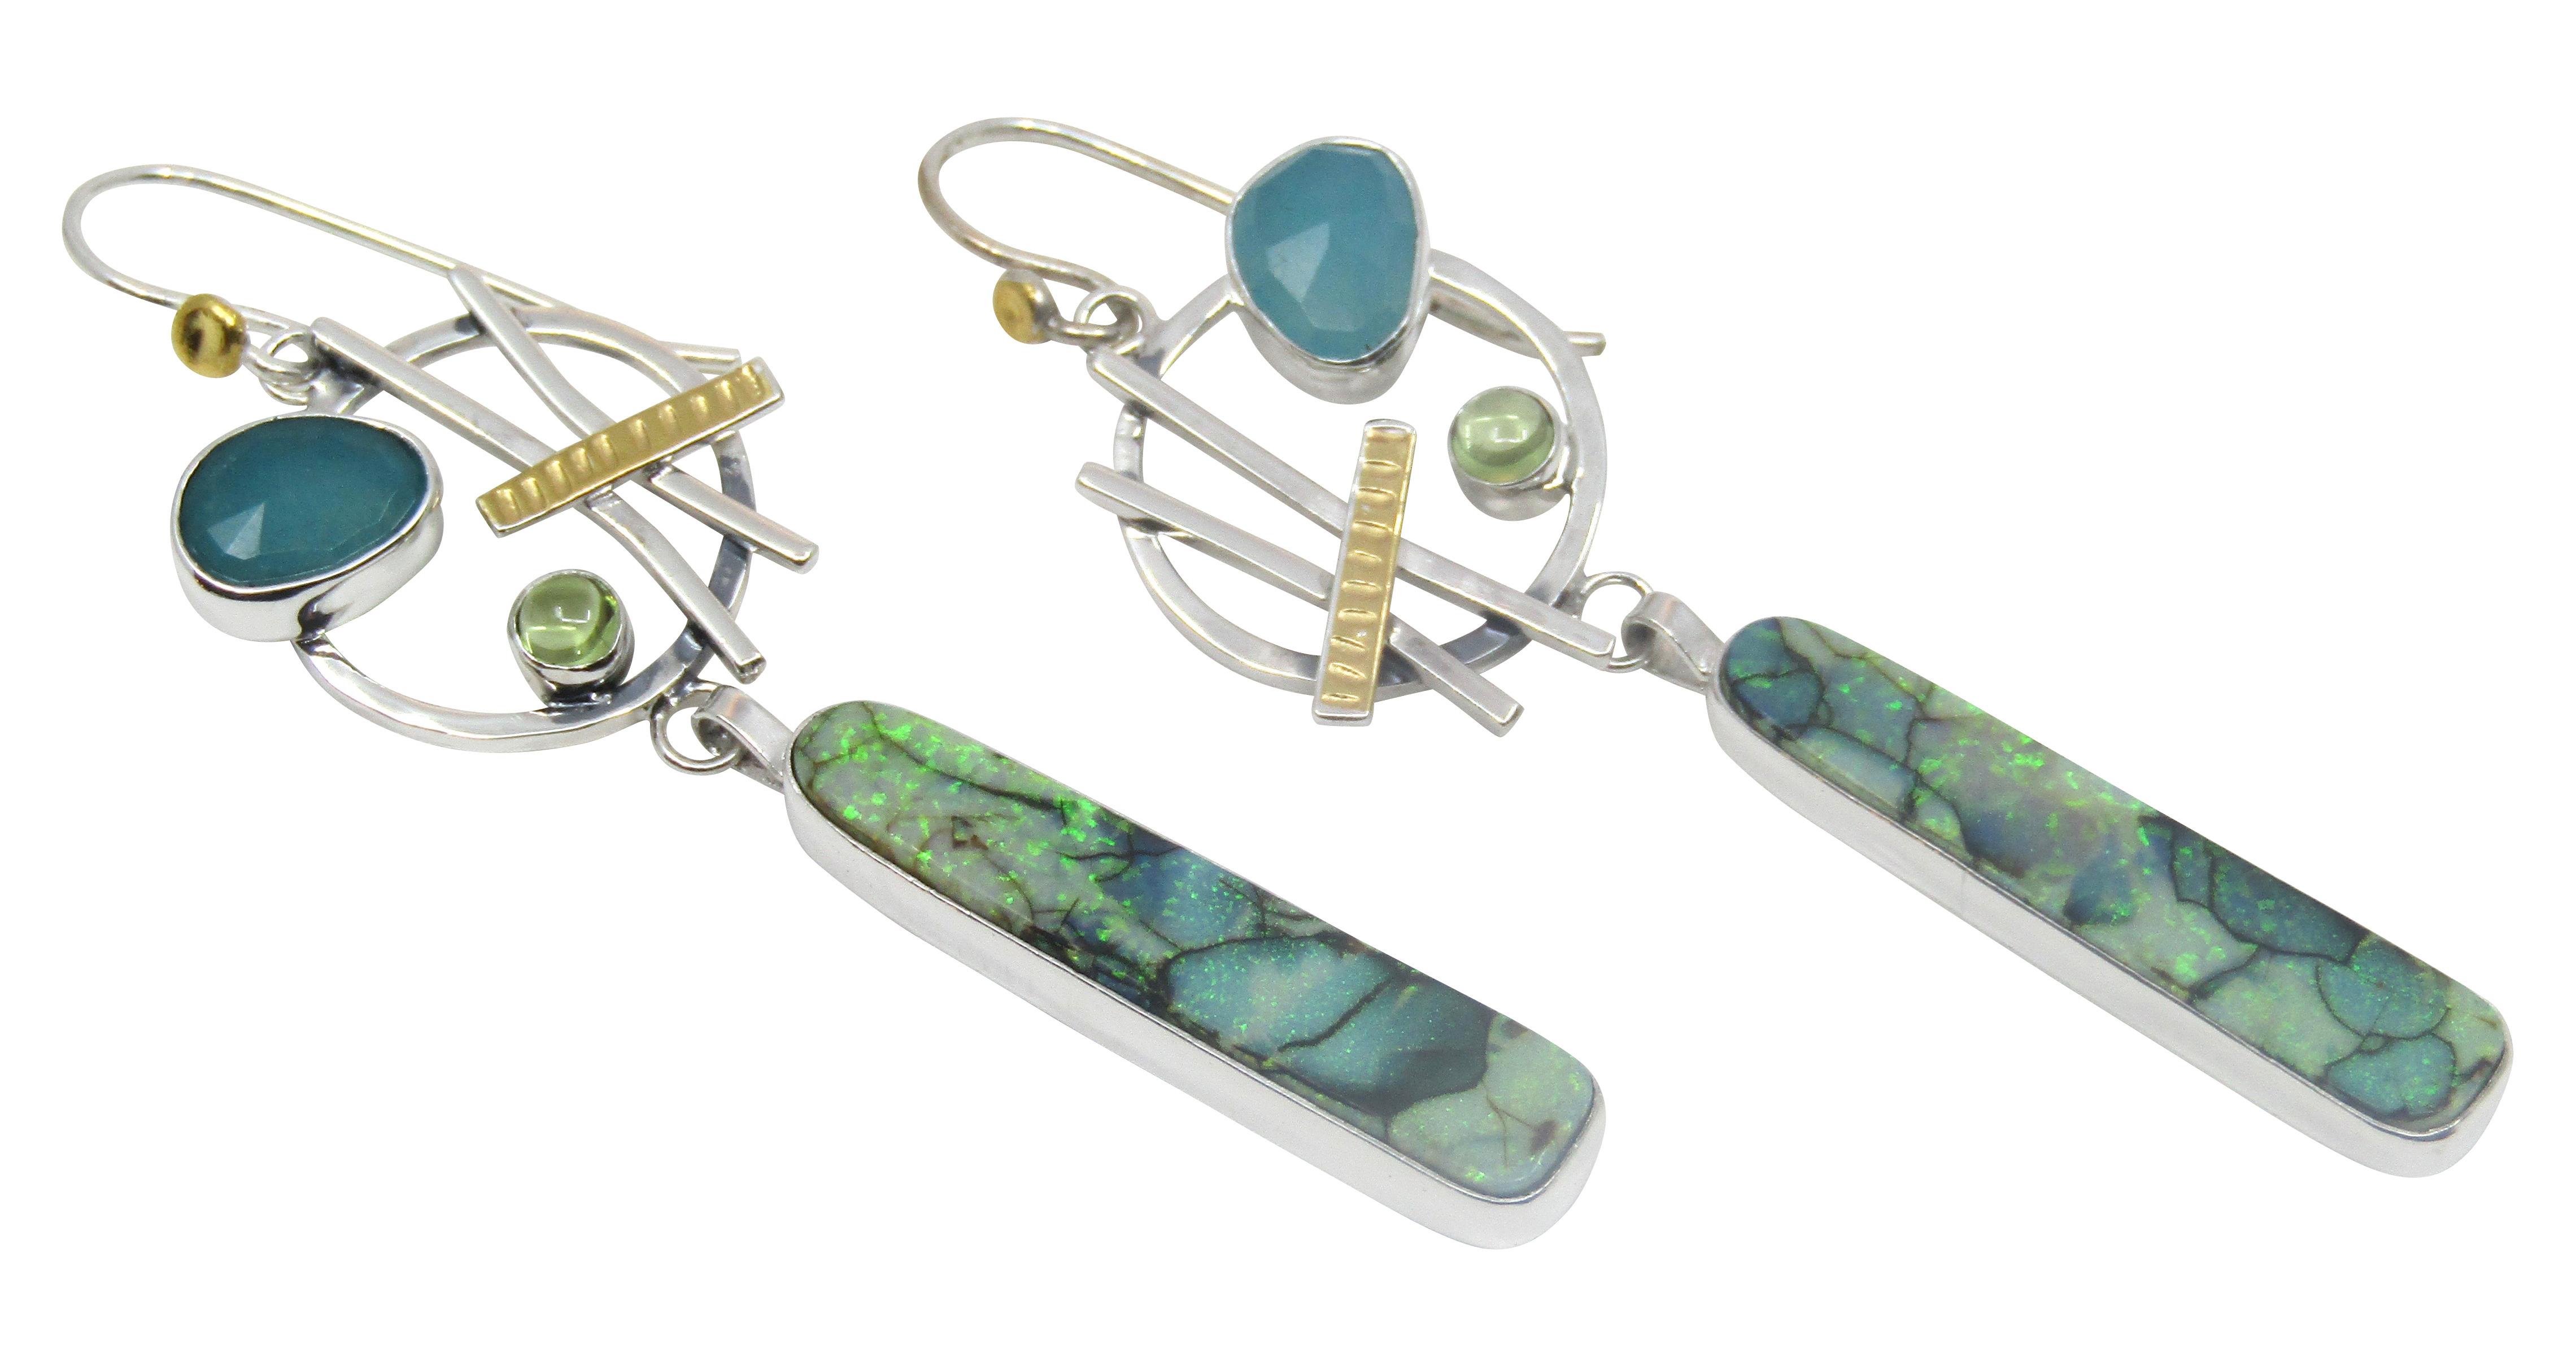 da06444c0f2bd One of a Kind | Jewelry | Lesley Aine McKeown Jewelry